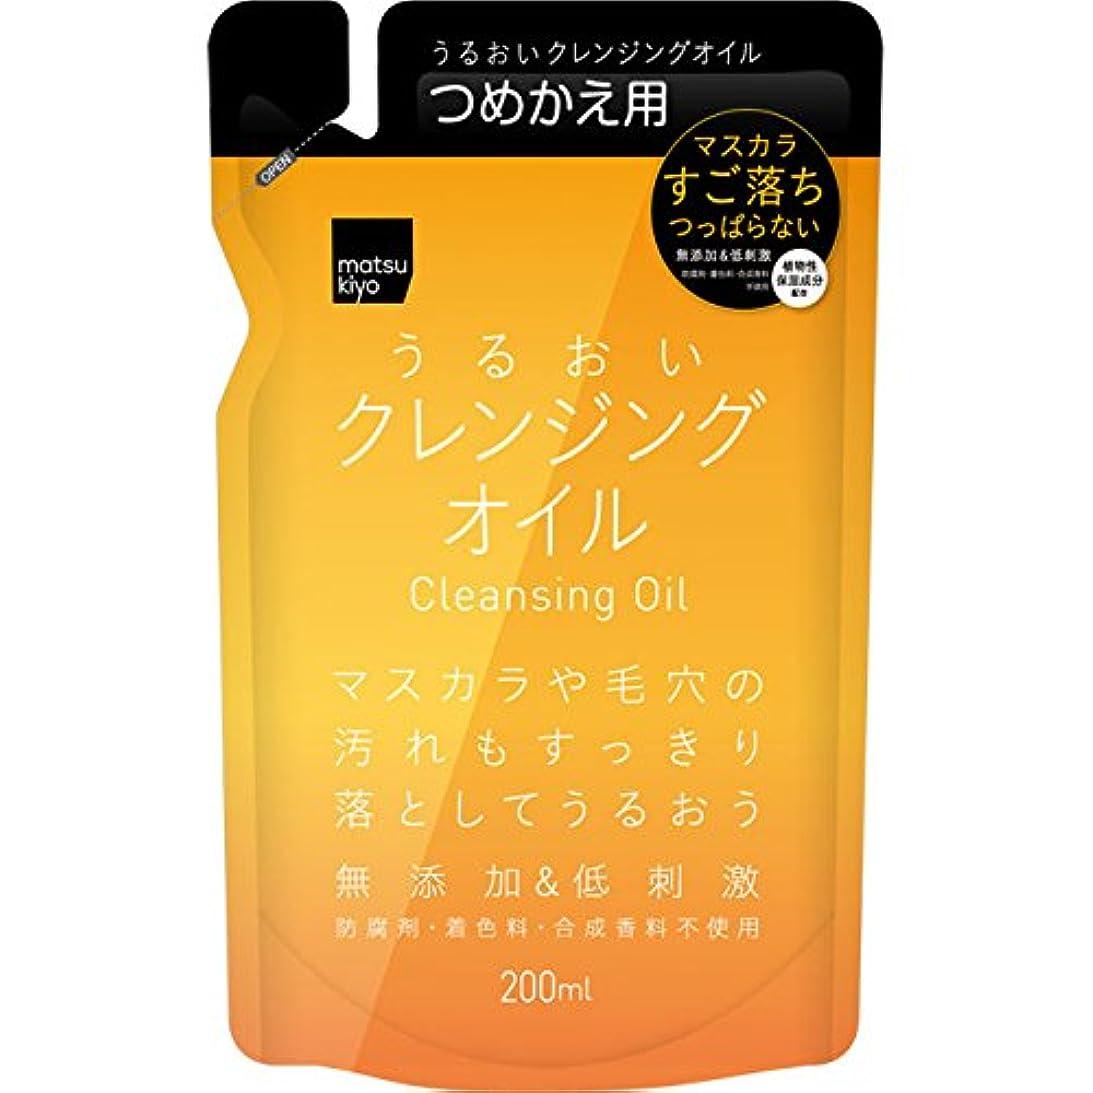 海洋の願う鎮静剤matsukiyo うるおいクレンジングオイル 詰替 200ml詰替